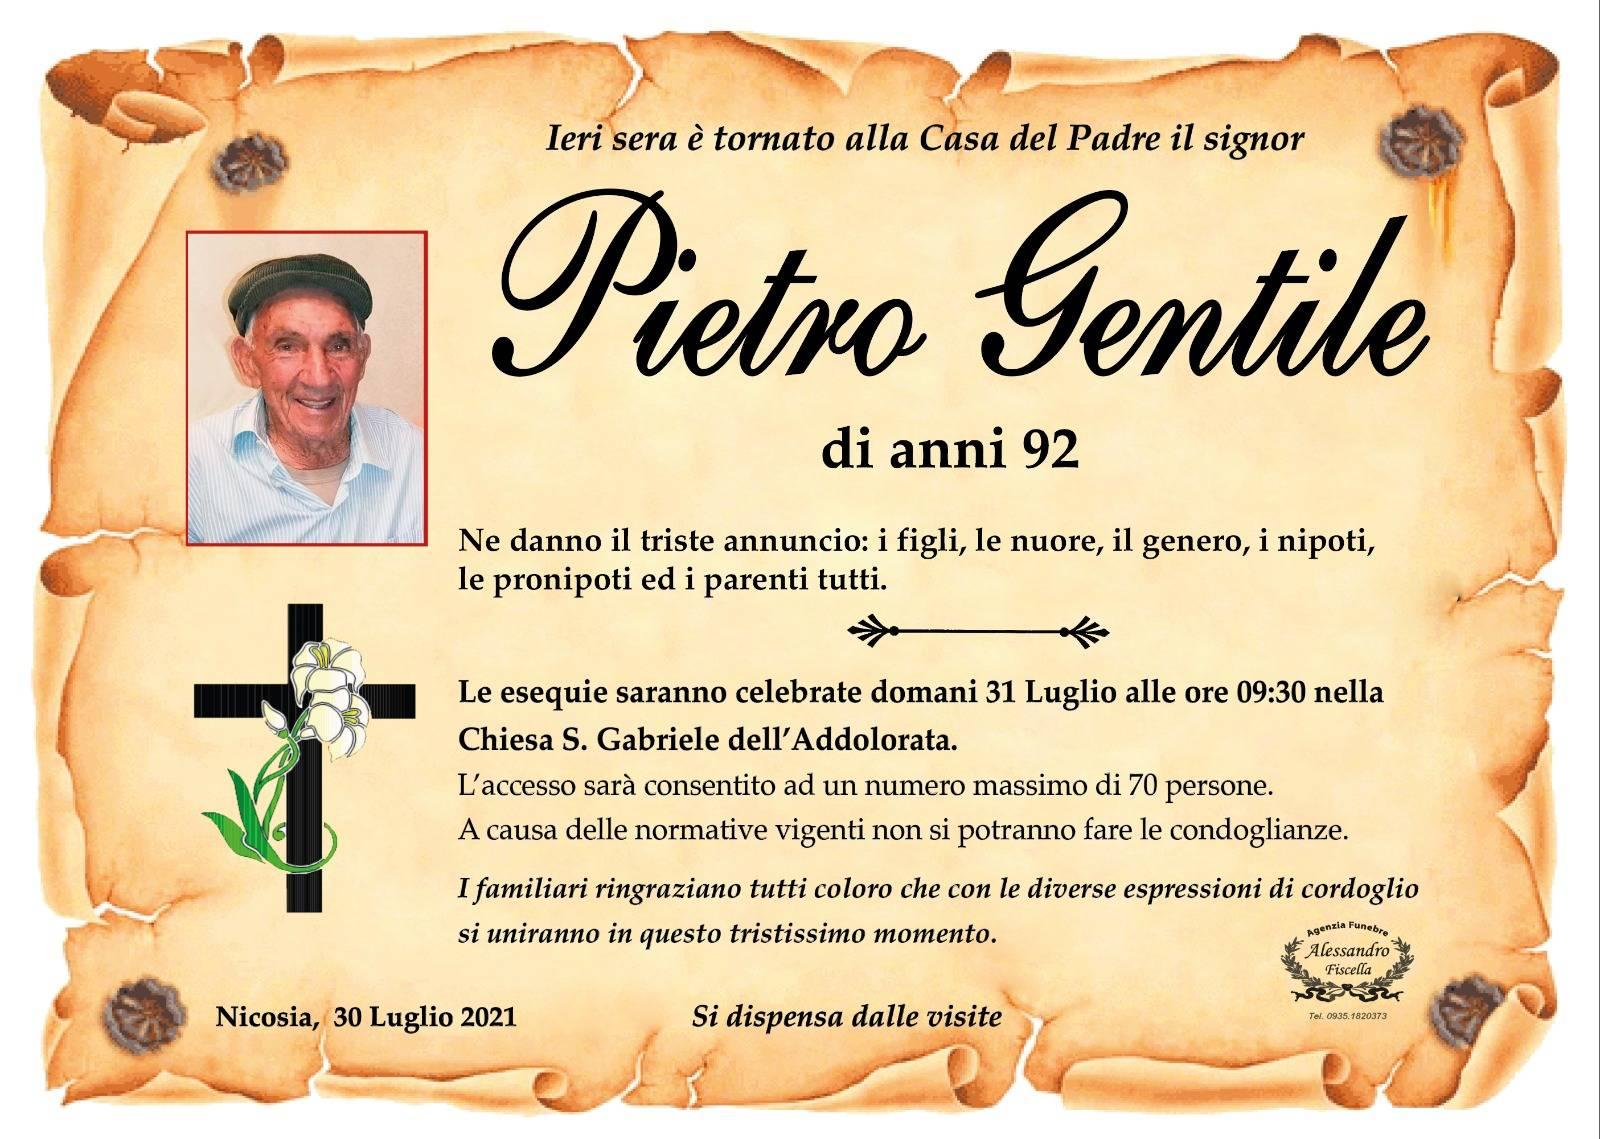 Pietro Gentile